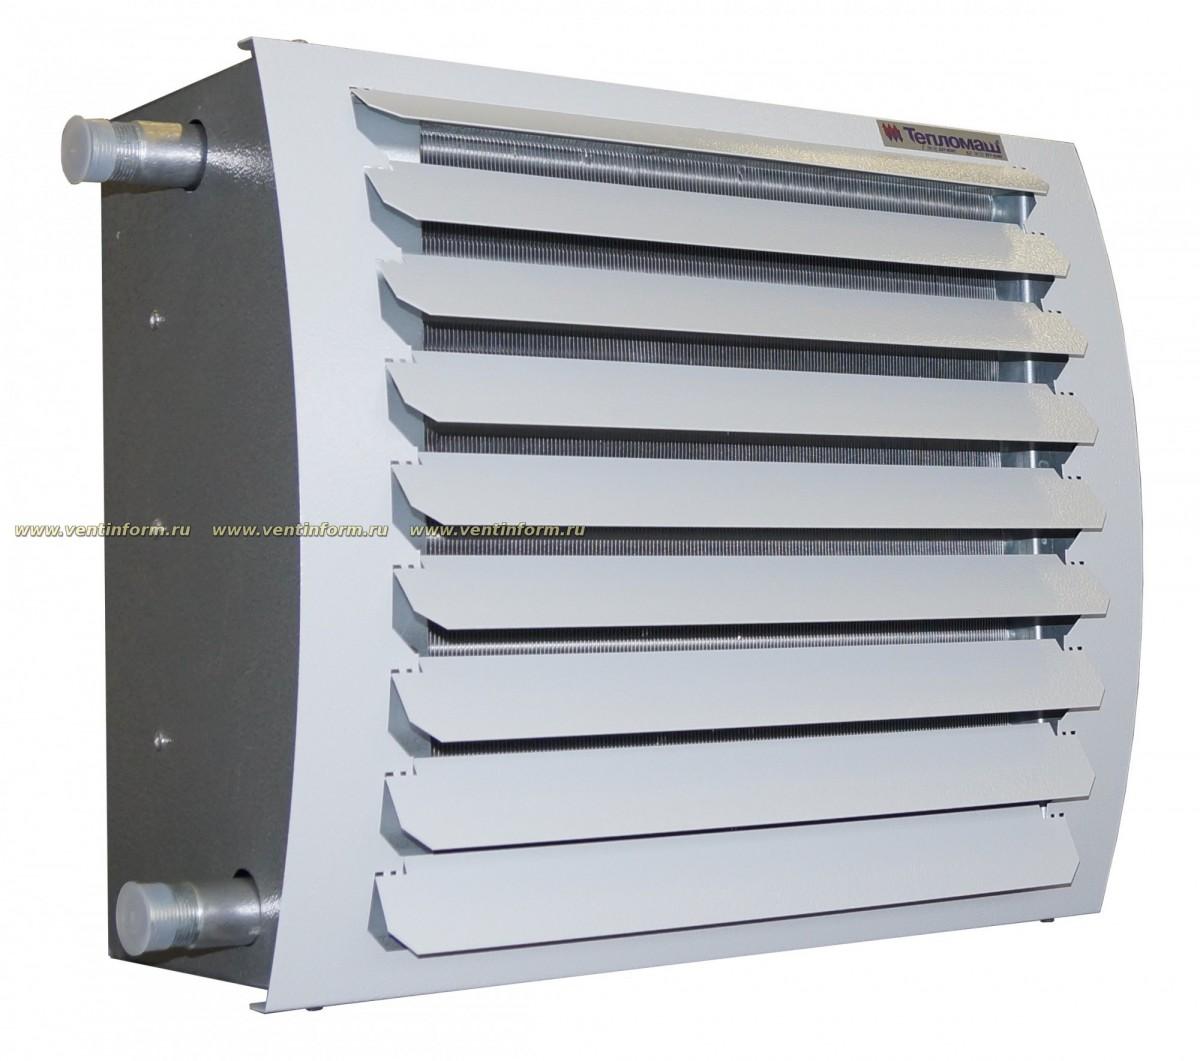 Тепловентиляторы TW малой мощности